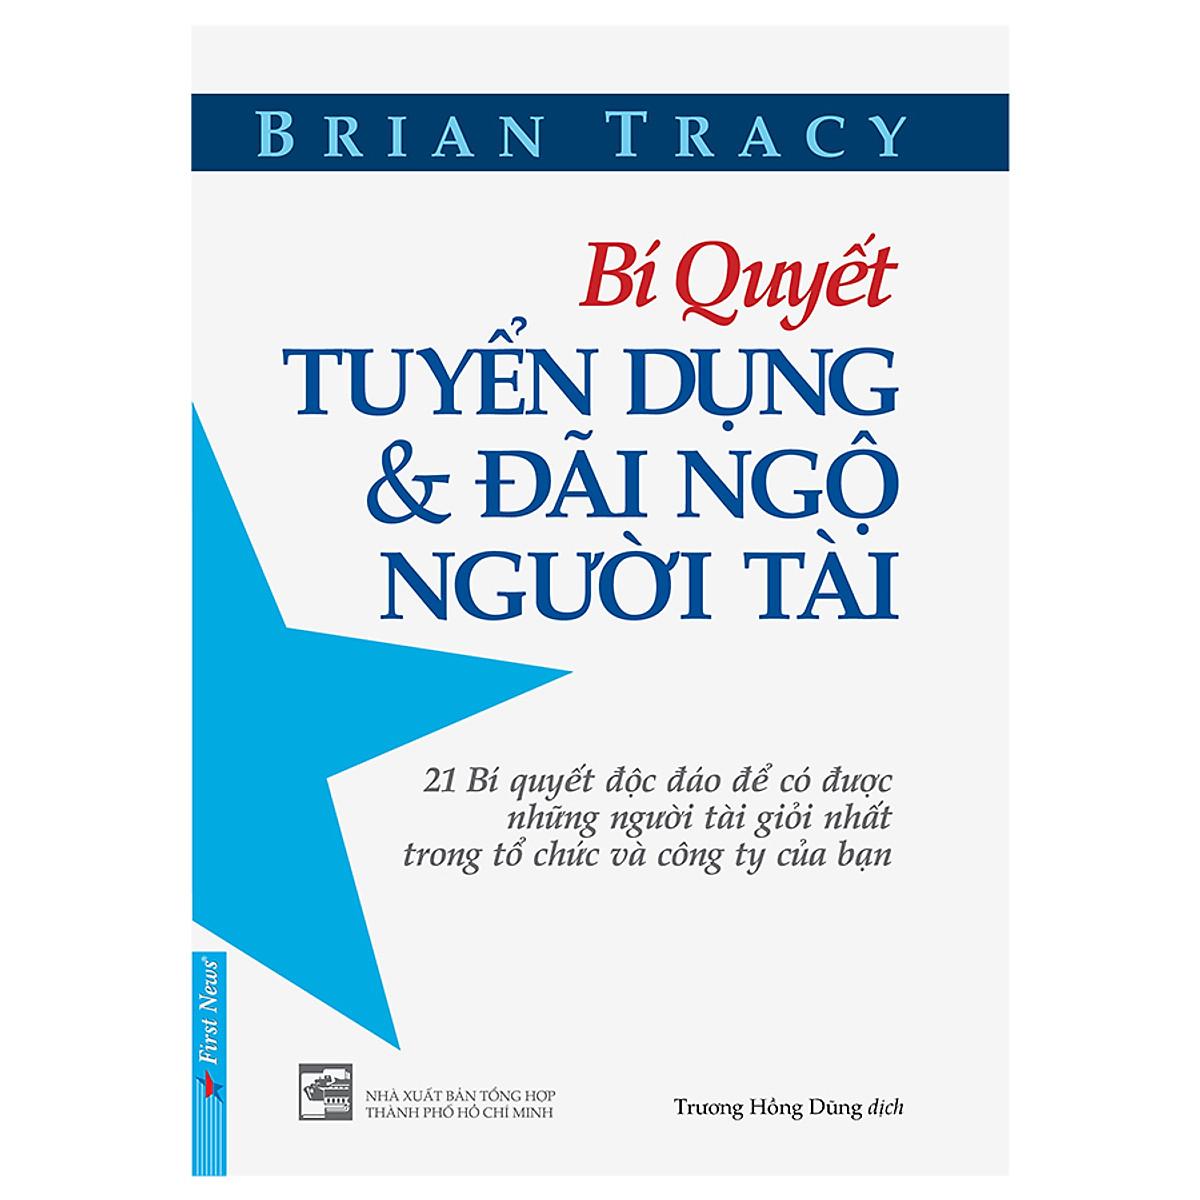 Combo 2 cuốn sách: Bí Quyết Tuyển Dụng & Đãi Ngộ Người Tài + Tạo Lập Mô Hình Kinh Doanh - Cá Nhân